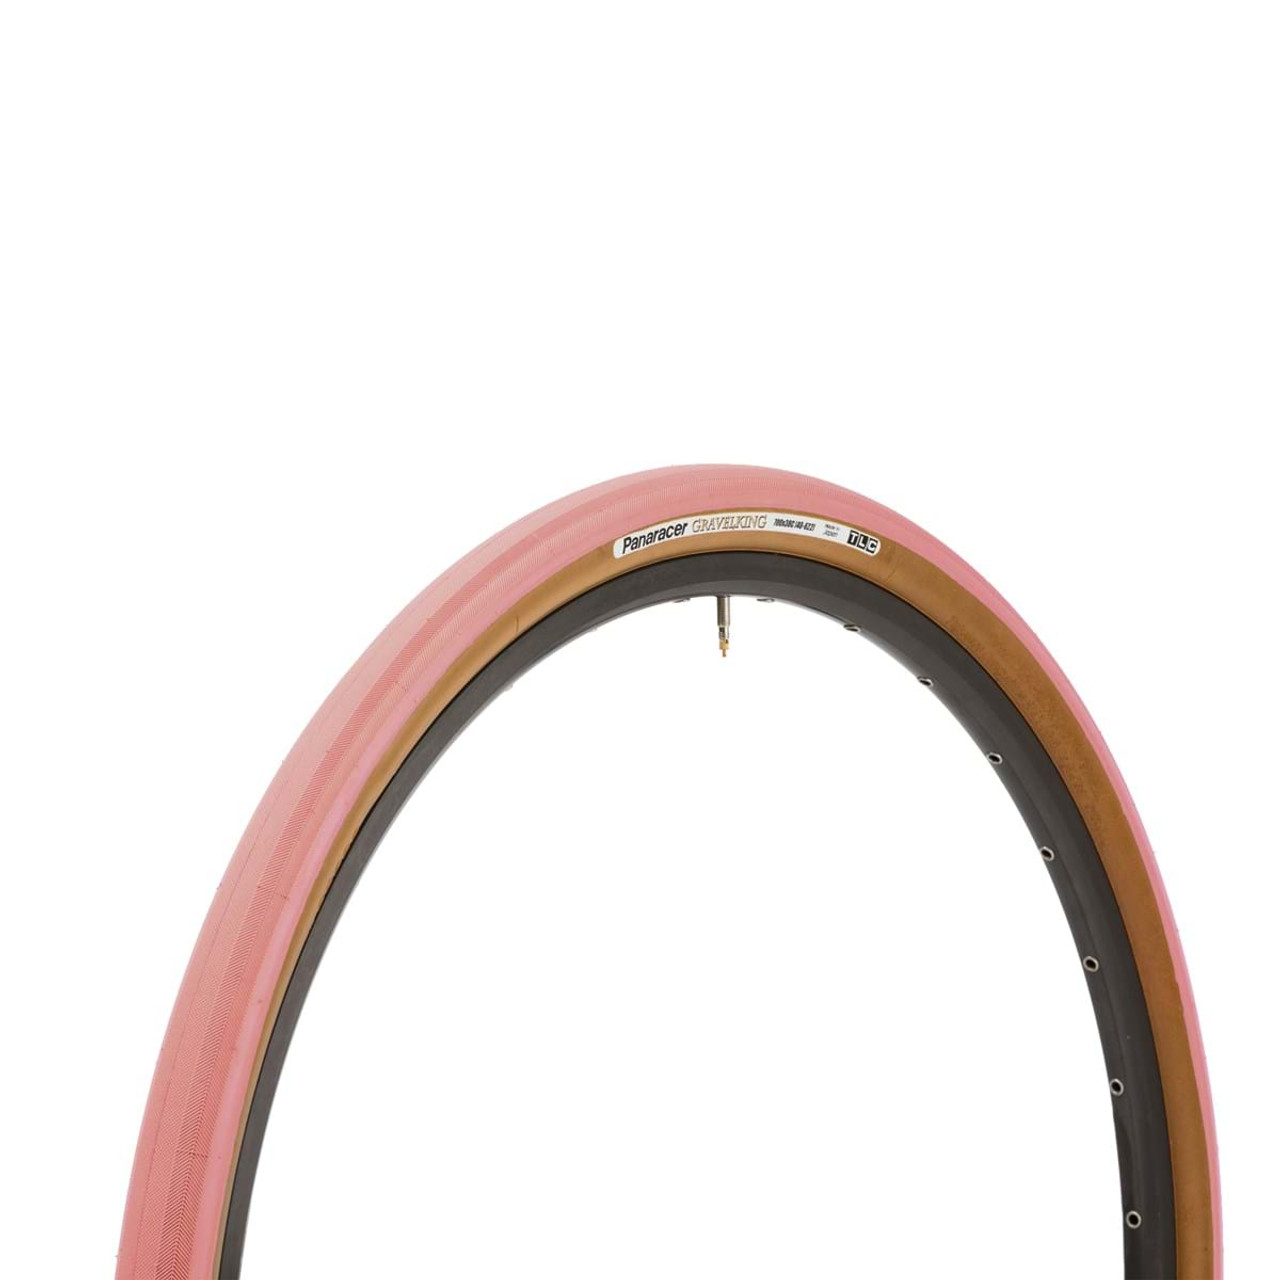 Panaracer Gravel King Slick Colour Edition Tubeless Gravel Folding Tyre